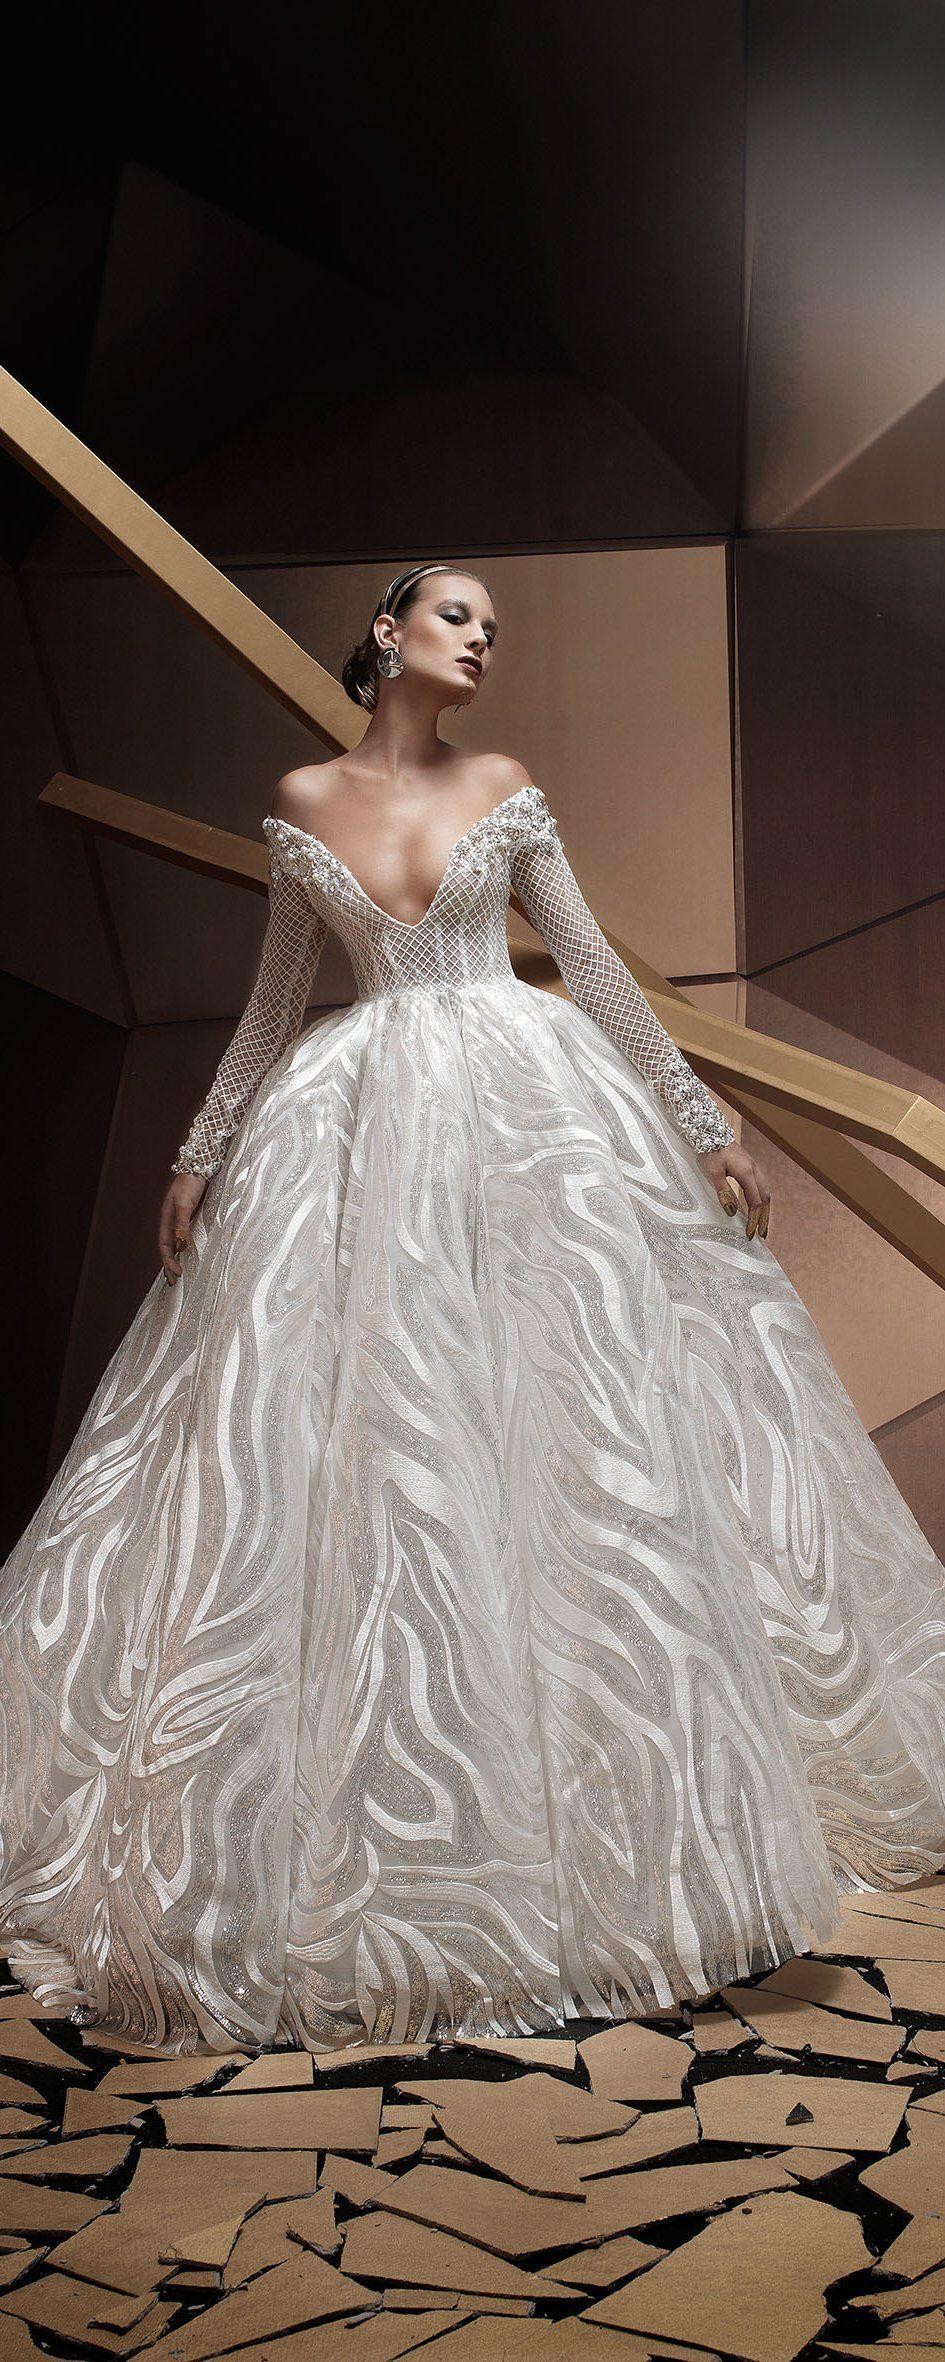 Pin de cylaccesorios en Bodas | Pinterest | Vestidos de novia, De ...